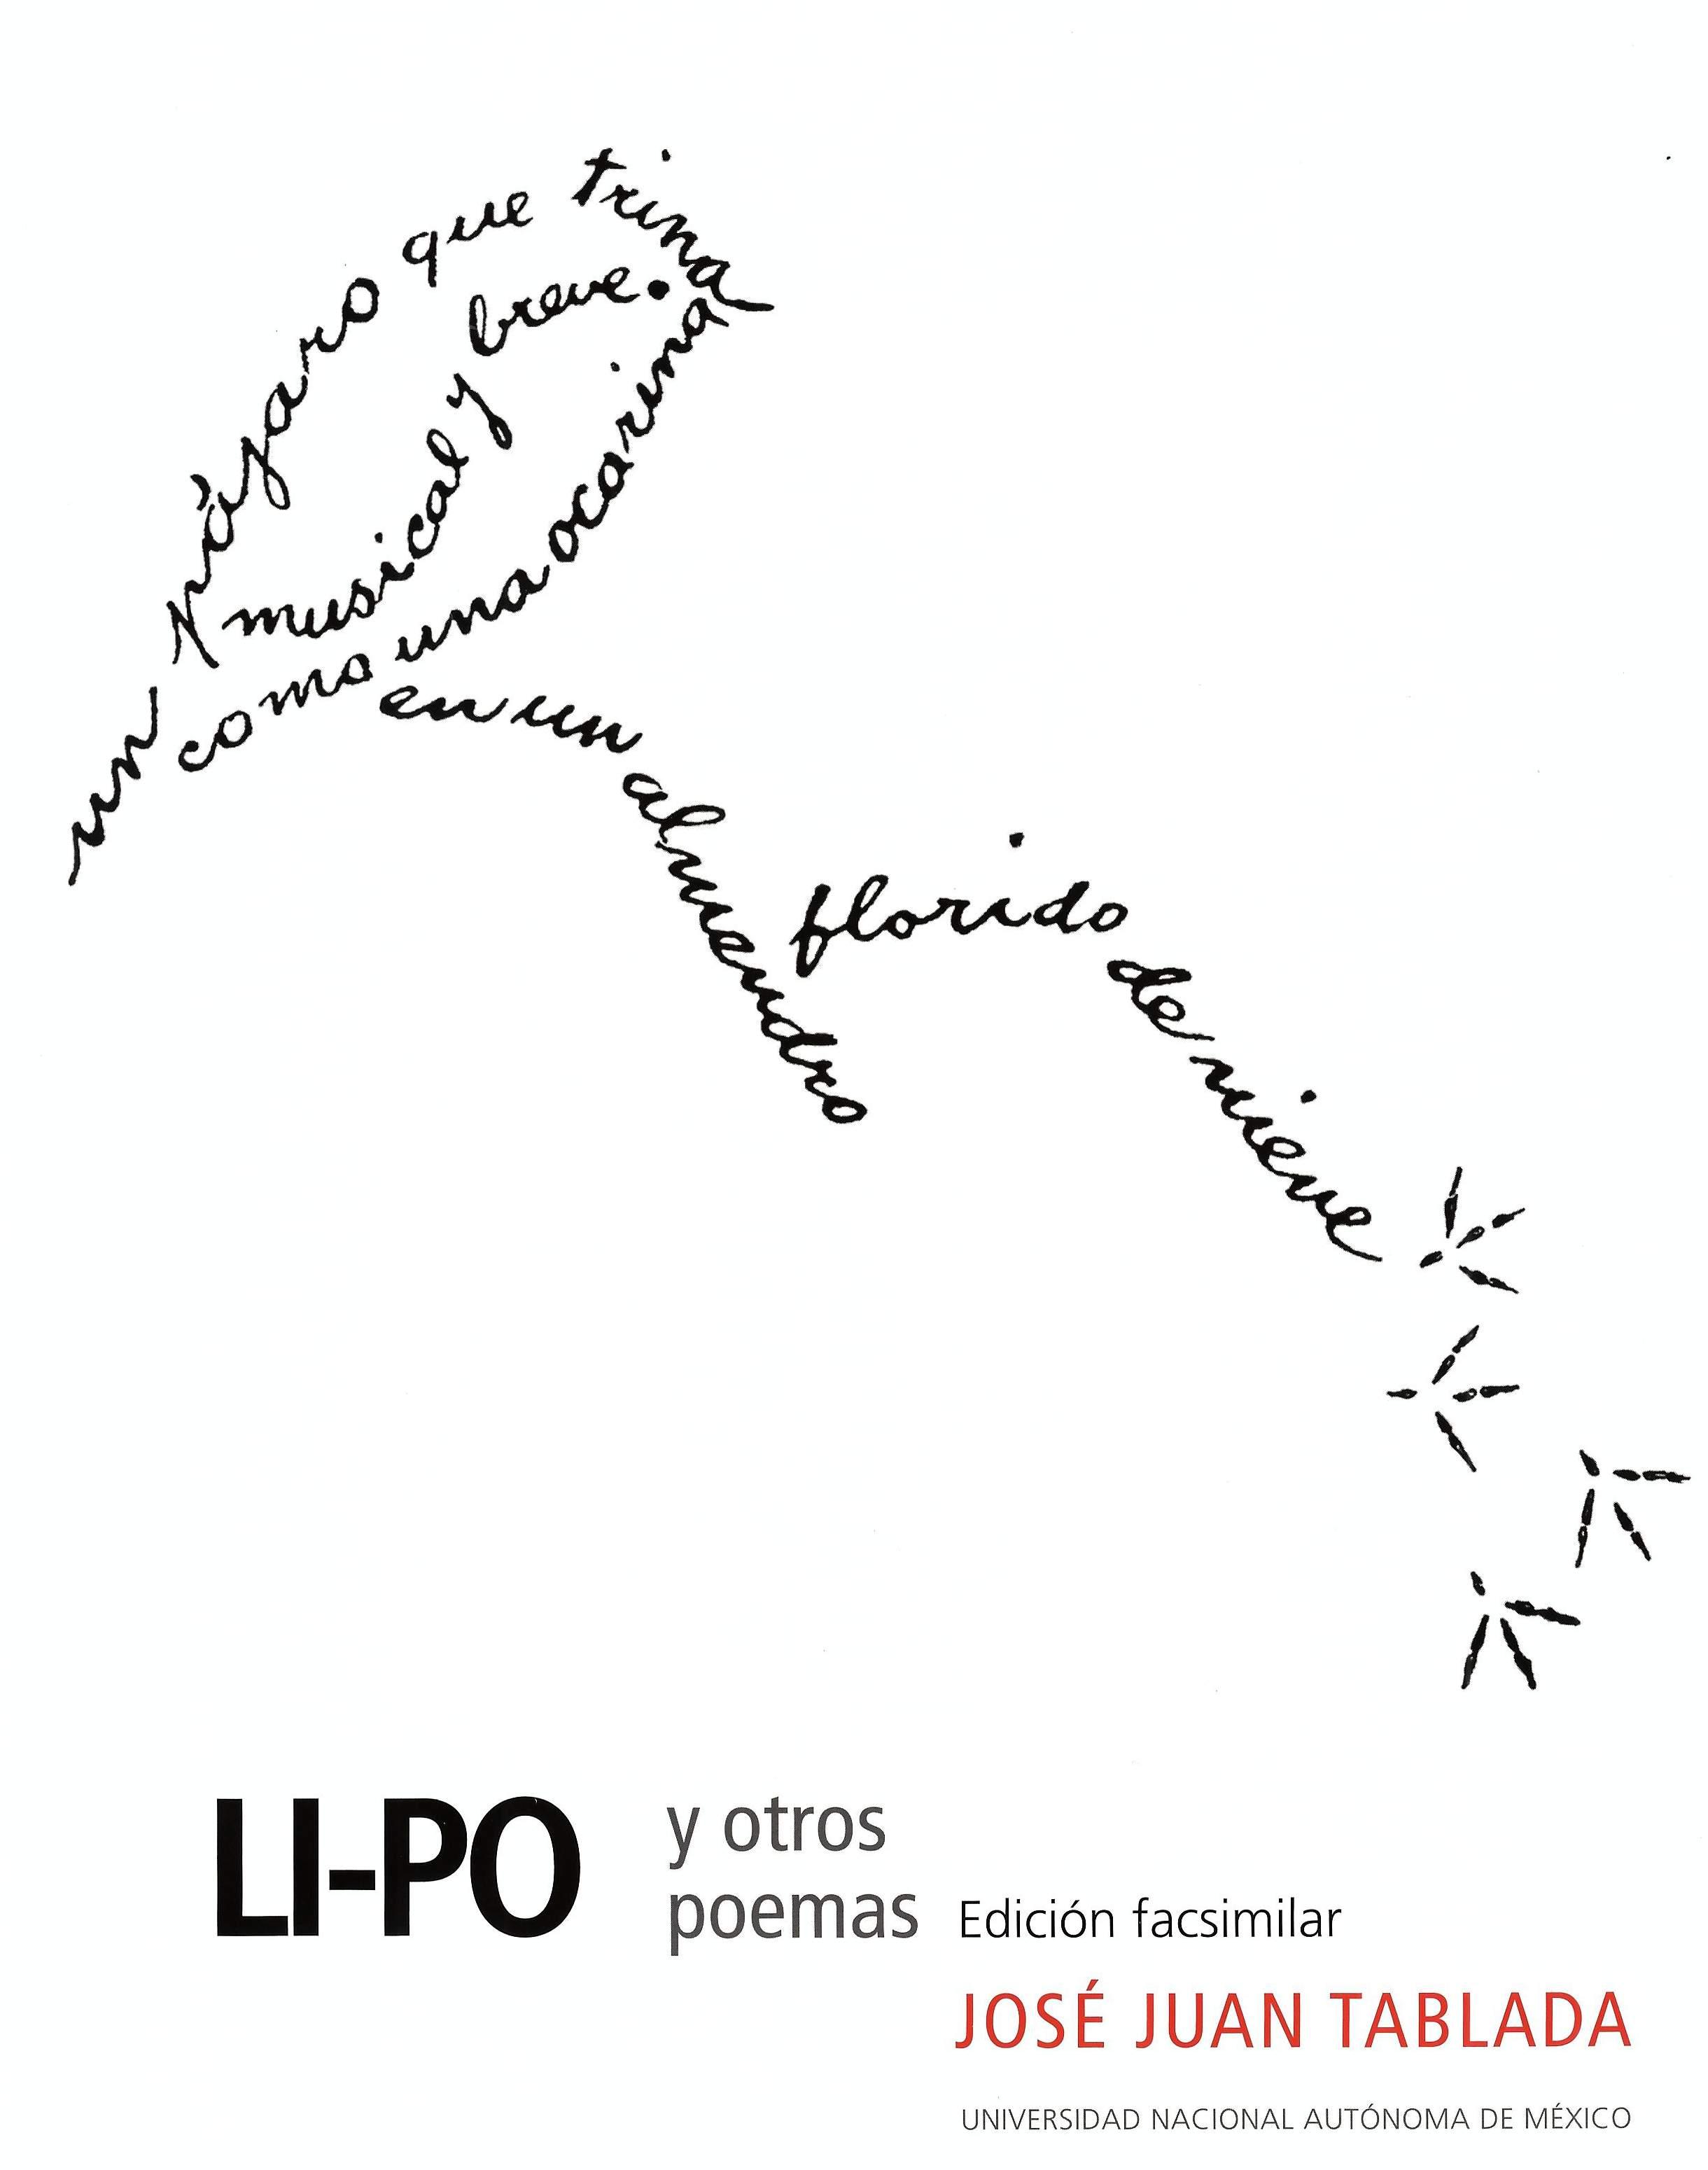 Li-Po y otros poemas